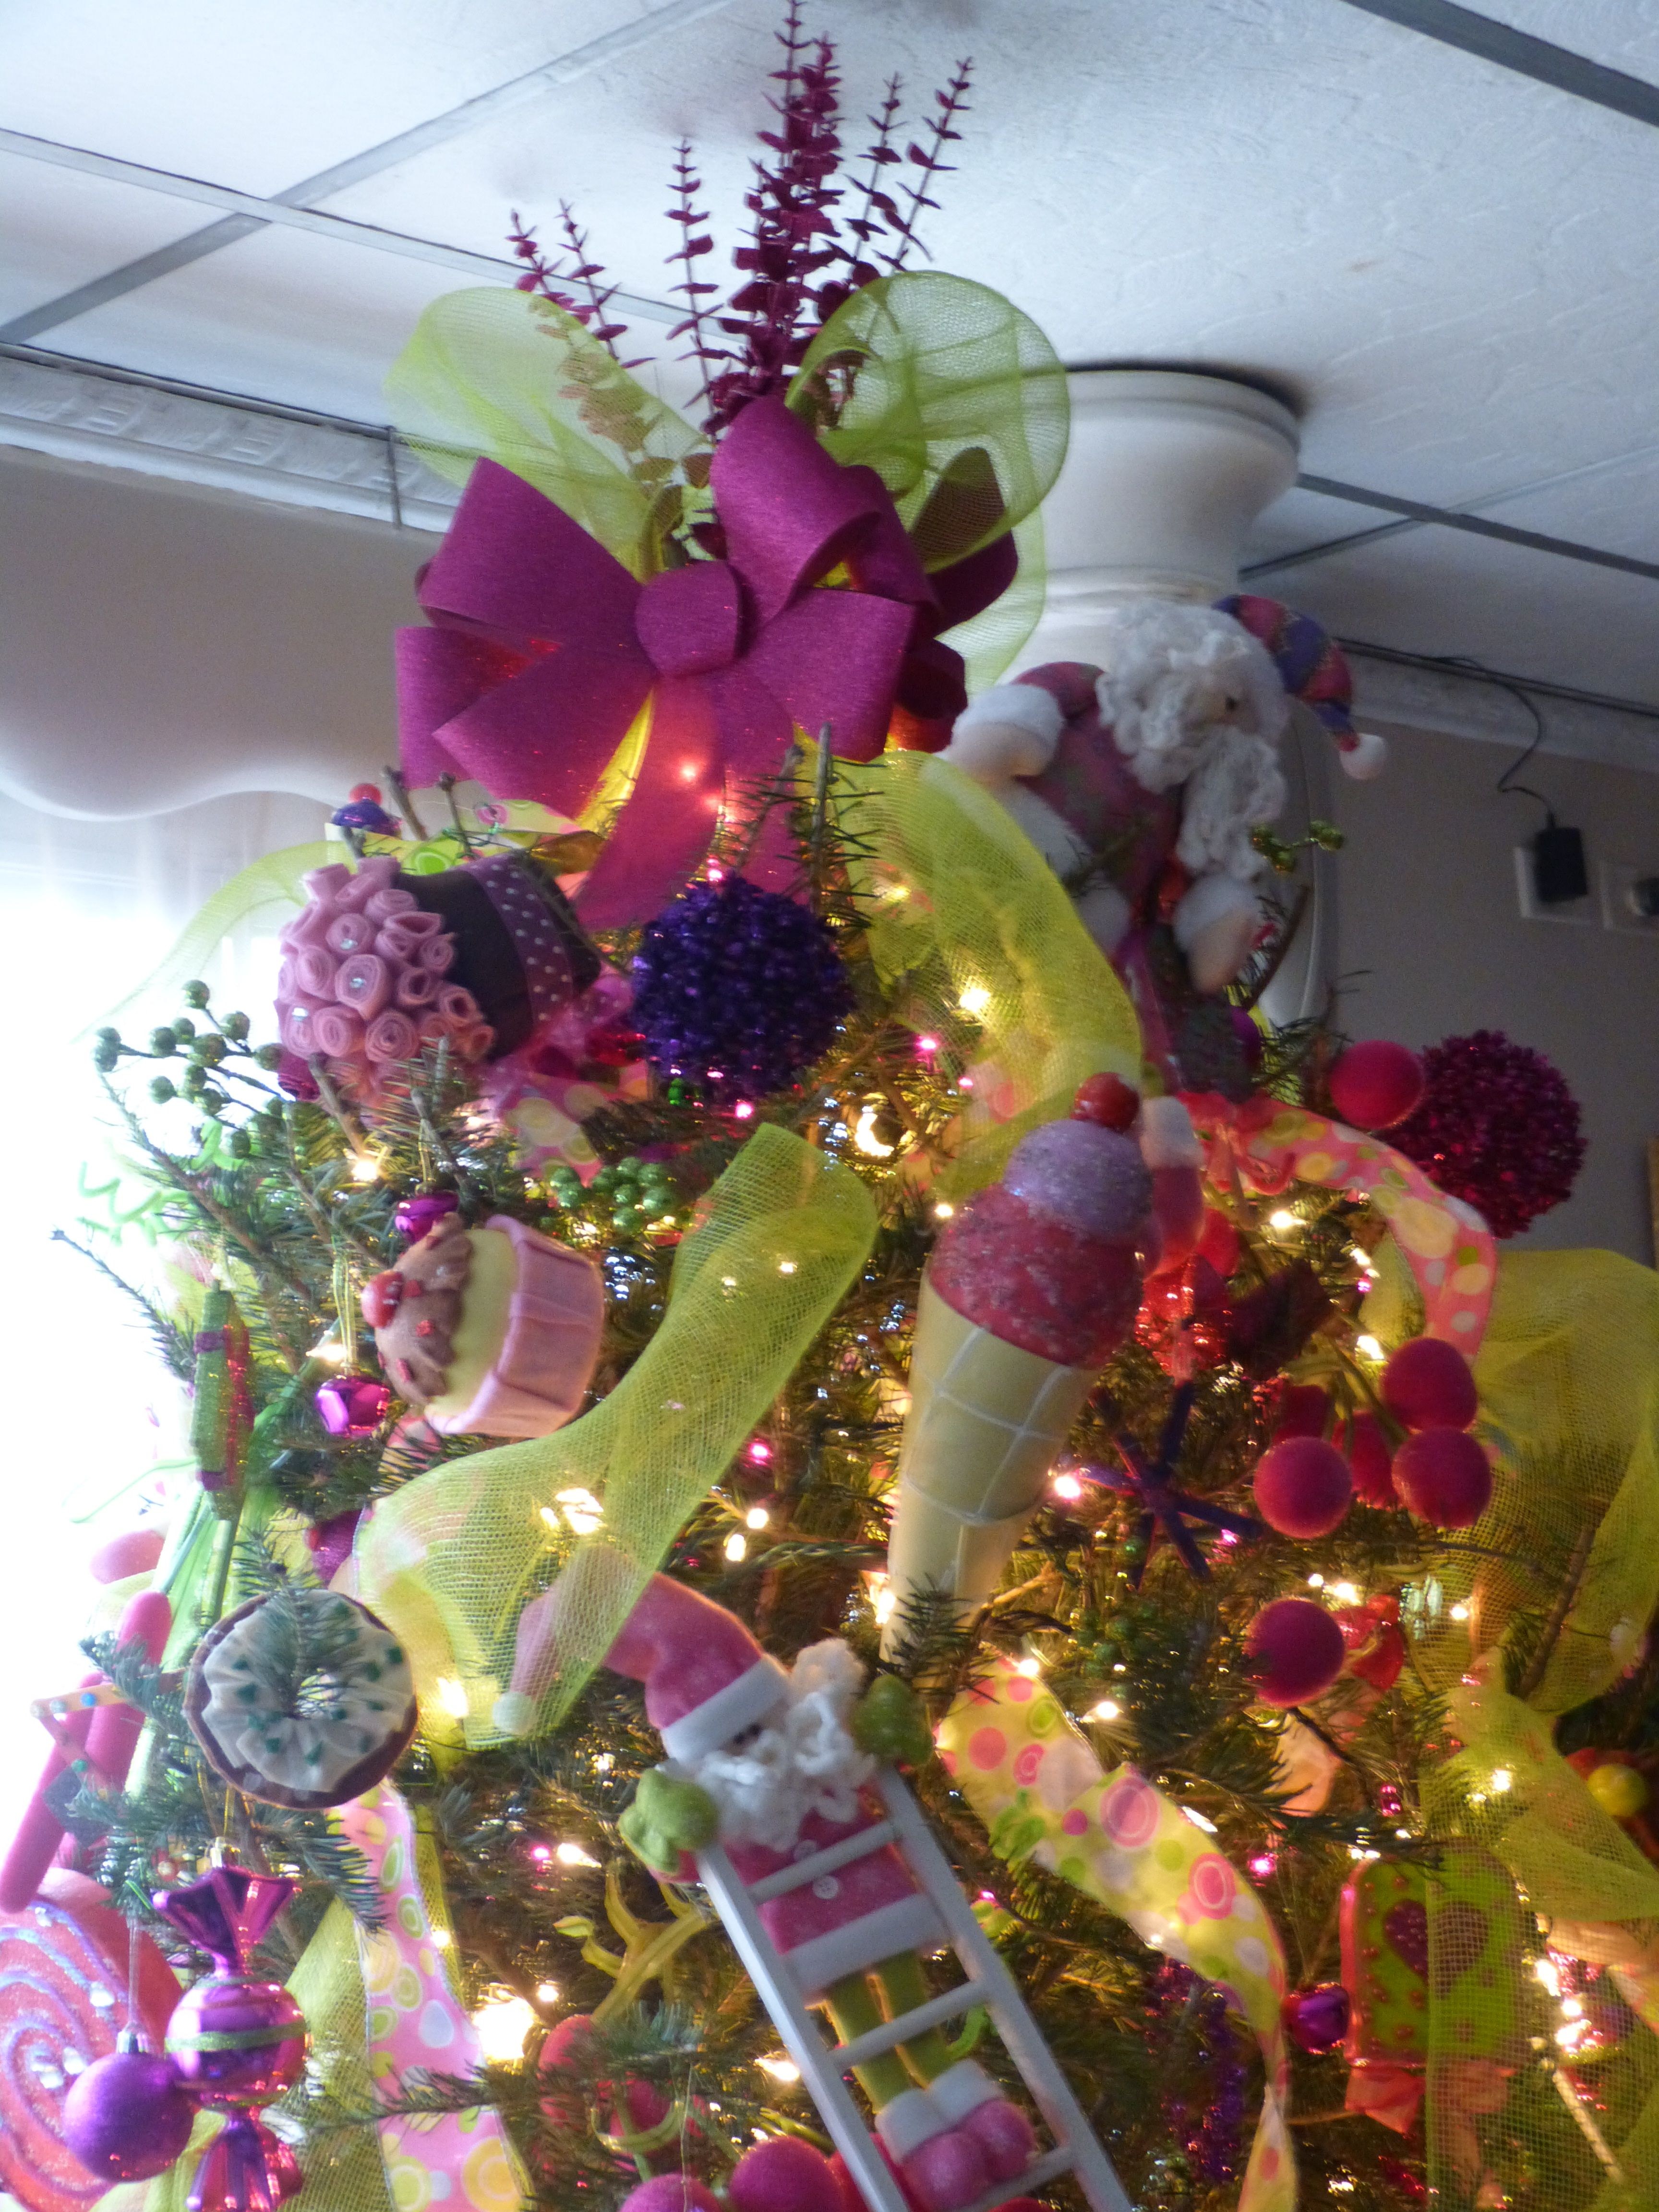 Arboles de navidad para comprar como hacer moo sencillo - Lazos para arbol de navidad ...